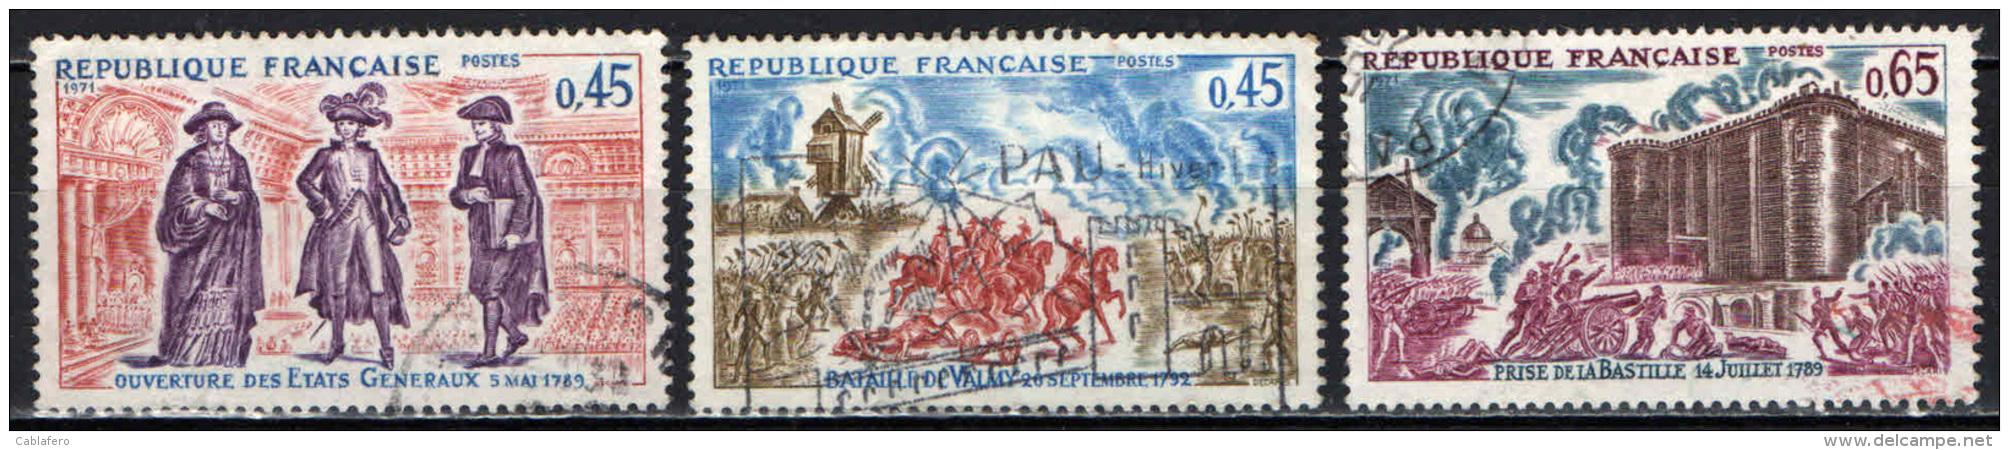 FRANCIA - 1971 - STORIA DI FRANCIA: STATI GENERALI, BATTAGLIA DI VALMY, PRESA DELLA BASTIGLIA - USATI - Oblitérés